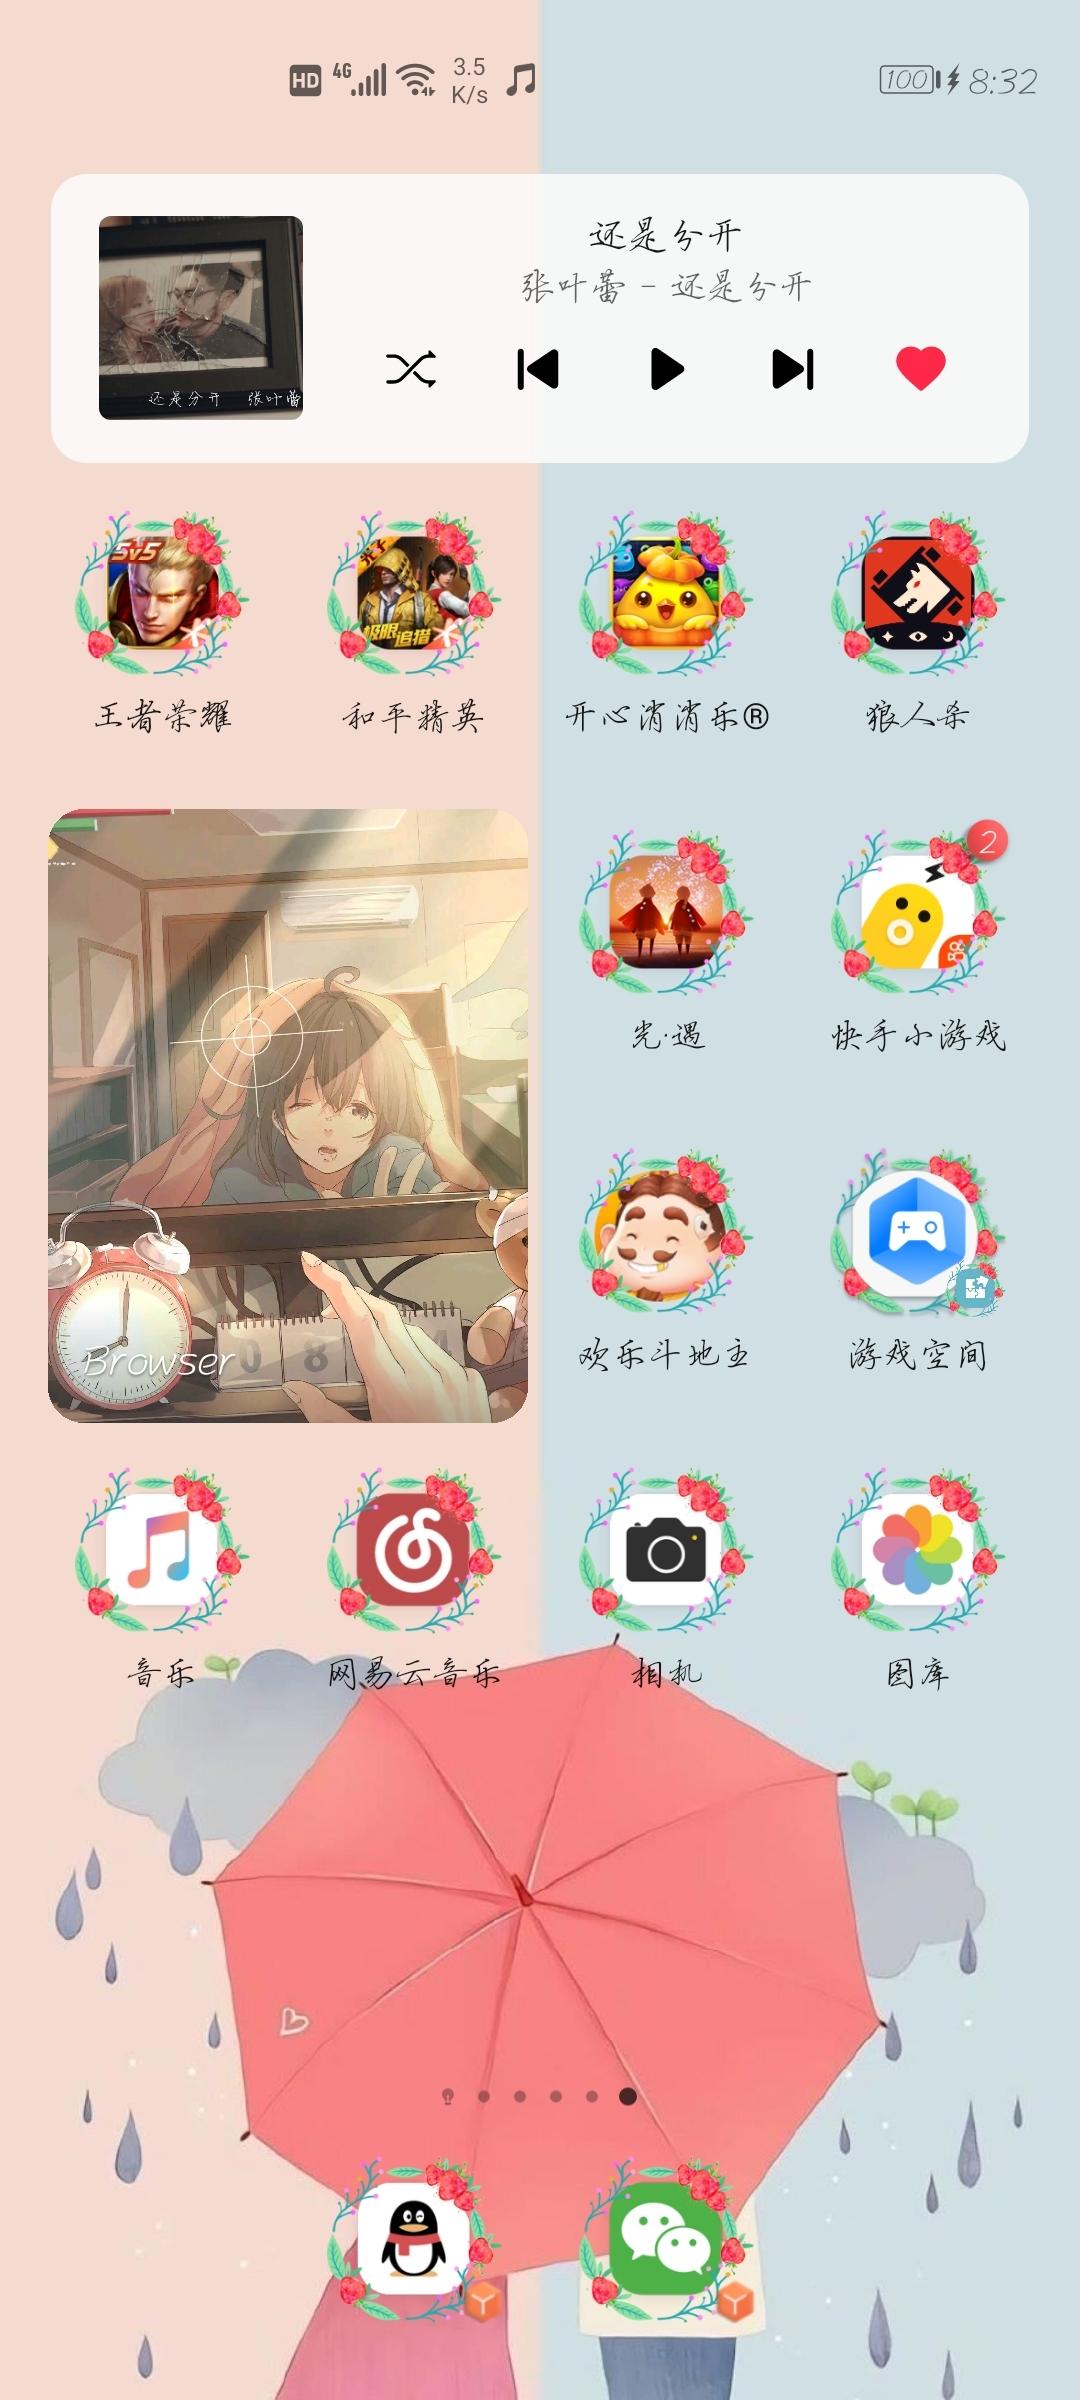 Screenshot_20201024_203234_com.huawei.android.launcher.jpg